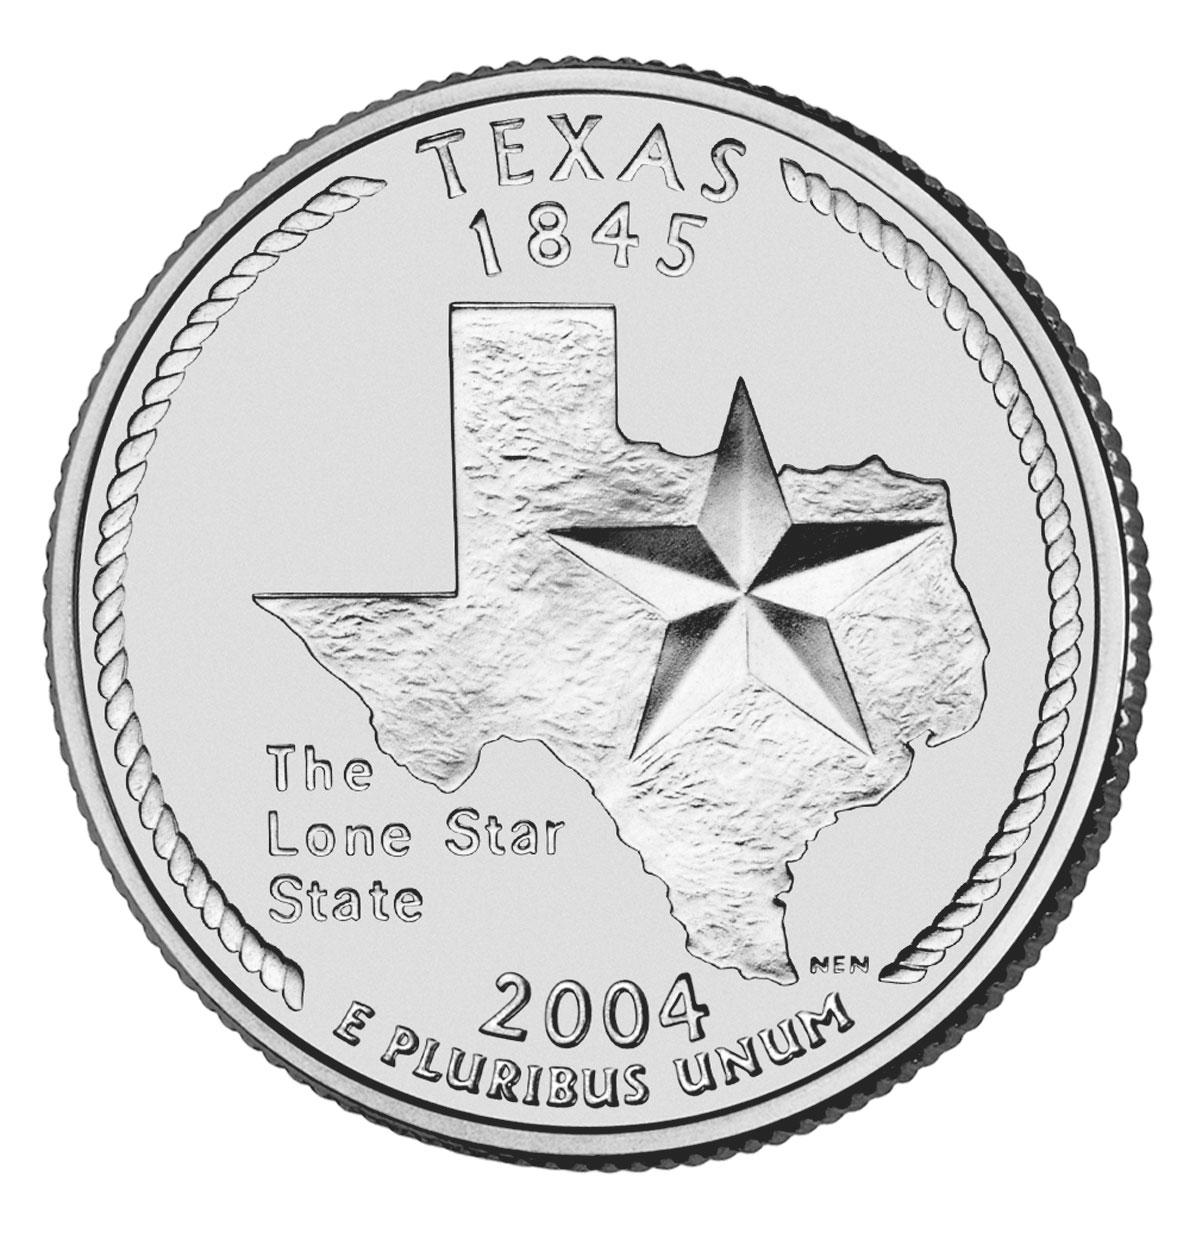 188 Dollar Quot Washington Quarter Quot Texas United States